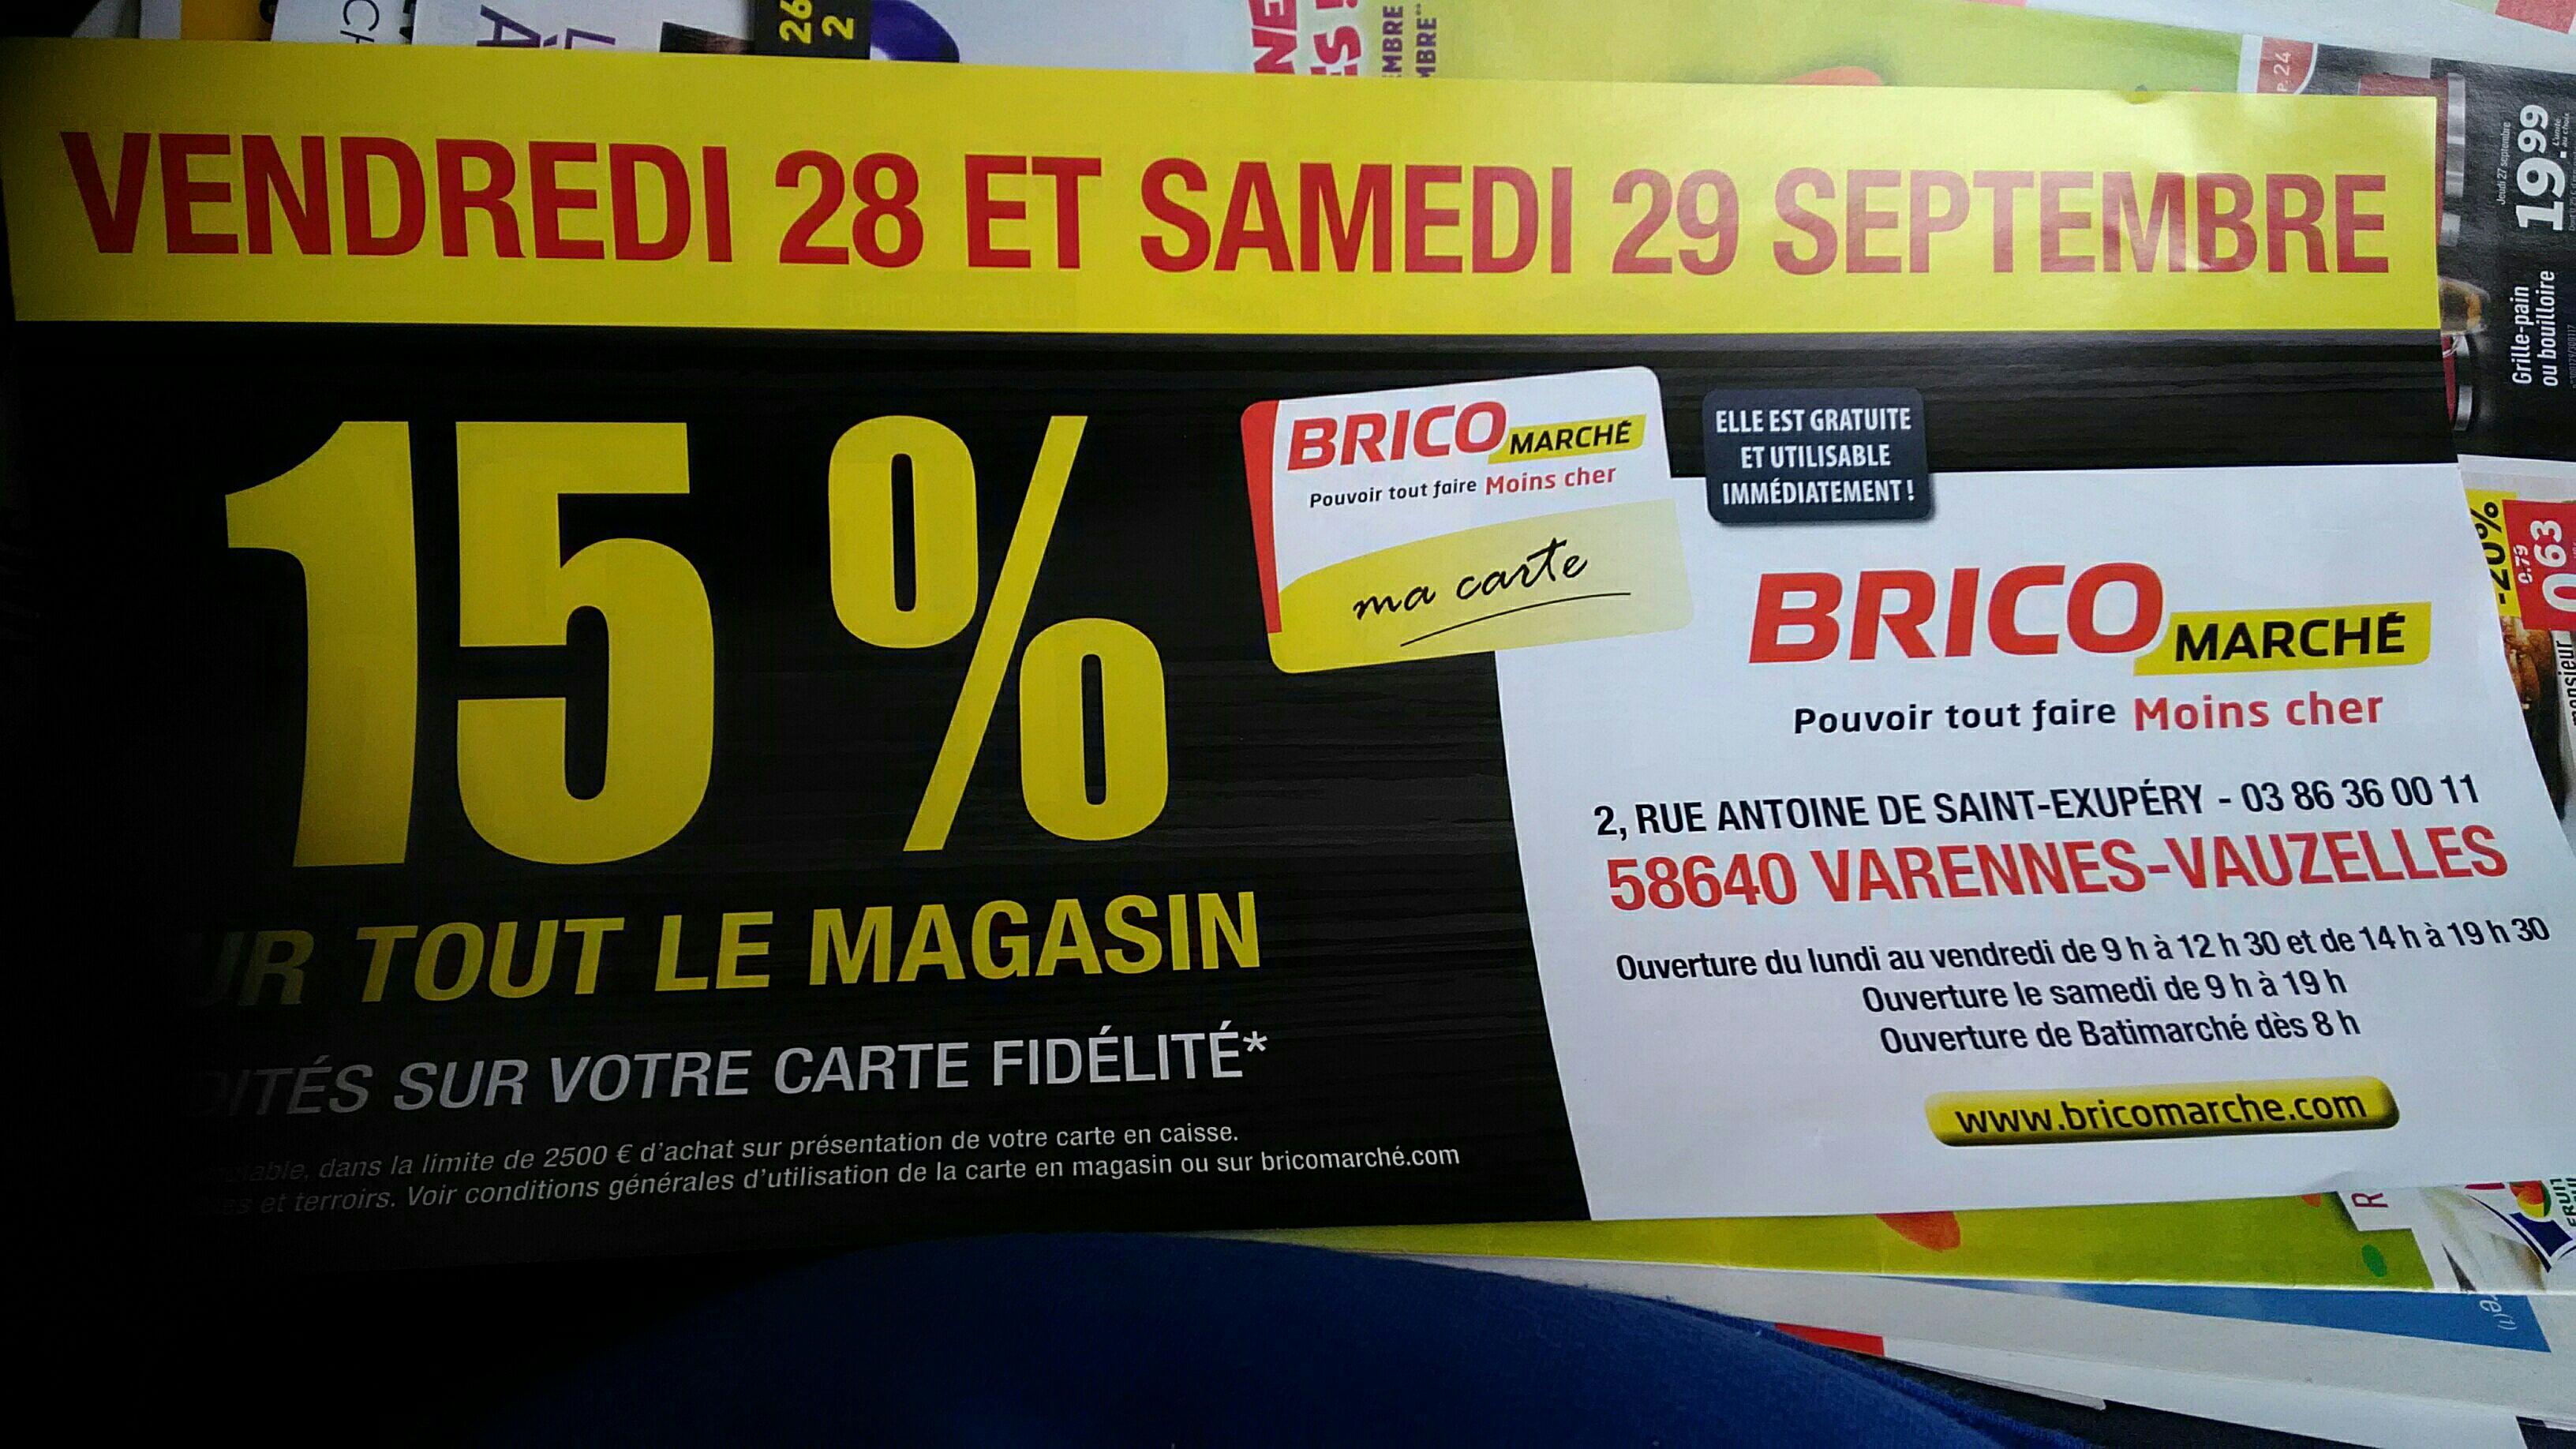 [Carte fidélité] 15% offerts sur la carte fidélité sur tout le magasin - Brico marché Varennes Vauzelles (58)